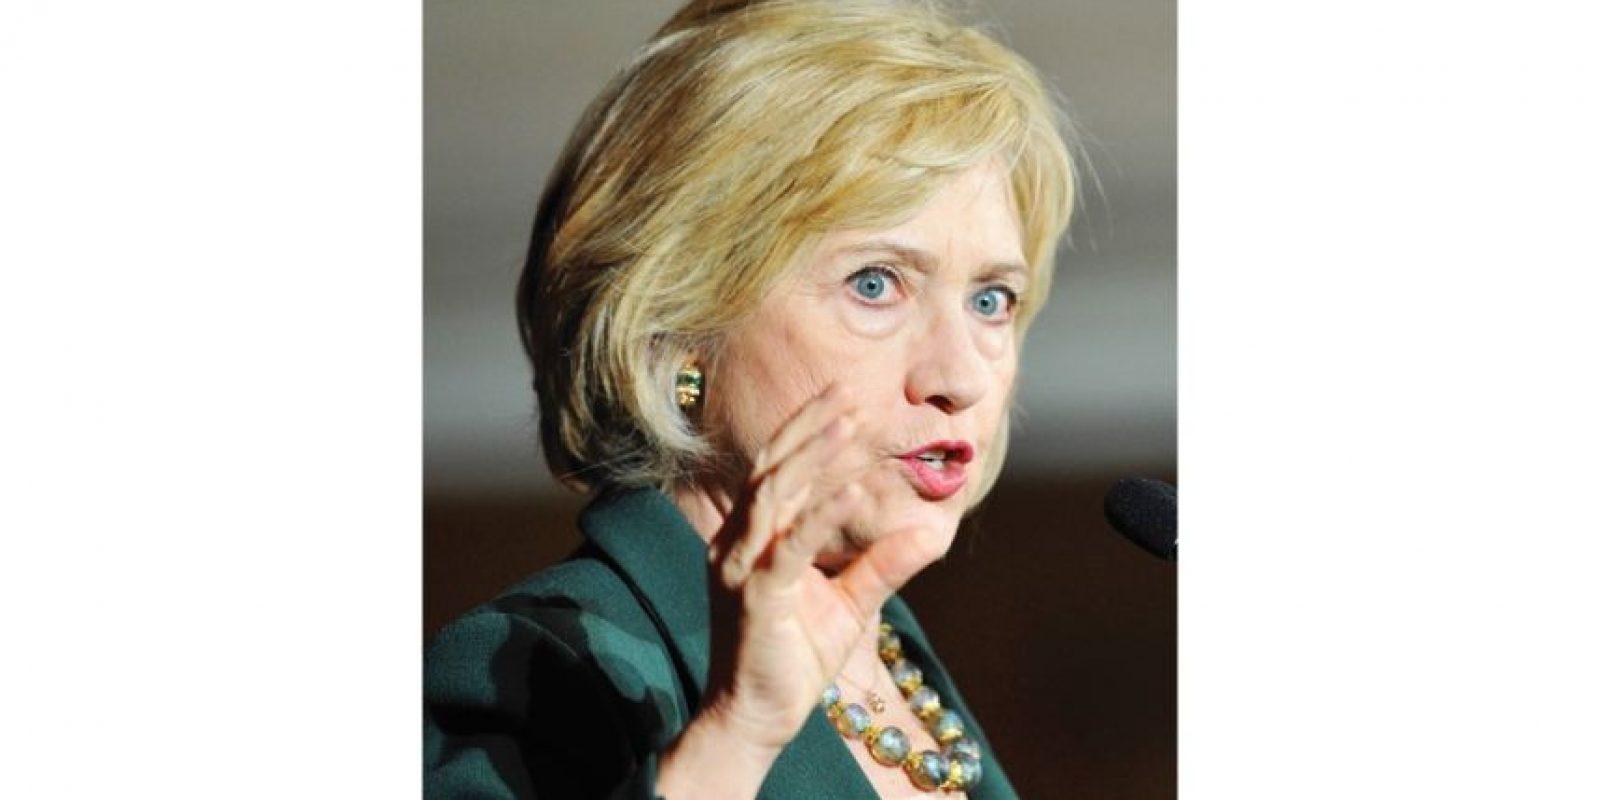 Hillary Clinton1ro. de marzoPrimarias presidenciales de EE.UU.Súper Martes, un día en que el mayor número de estados celebran las elecciones primarias para elegir delegados que finalmente serán seleccionados como candidatos a la presidencia del partido, cae el 1 de marzo. Once estados según los informes, participarán en las encuestas, hasta el momento. Va a ser un día clave para los candidatos que buscan la presidencia, ya que tradicionalmente les debe ir bien en el Súper Martes para asegurar la nominación de su partido. Foto:Getty